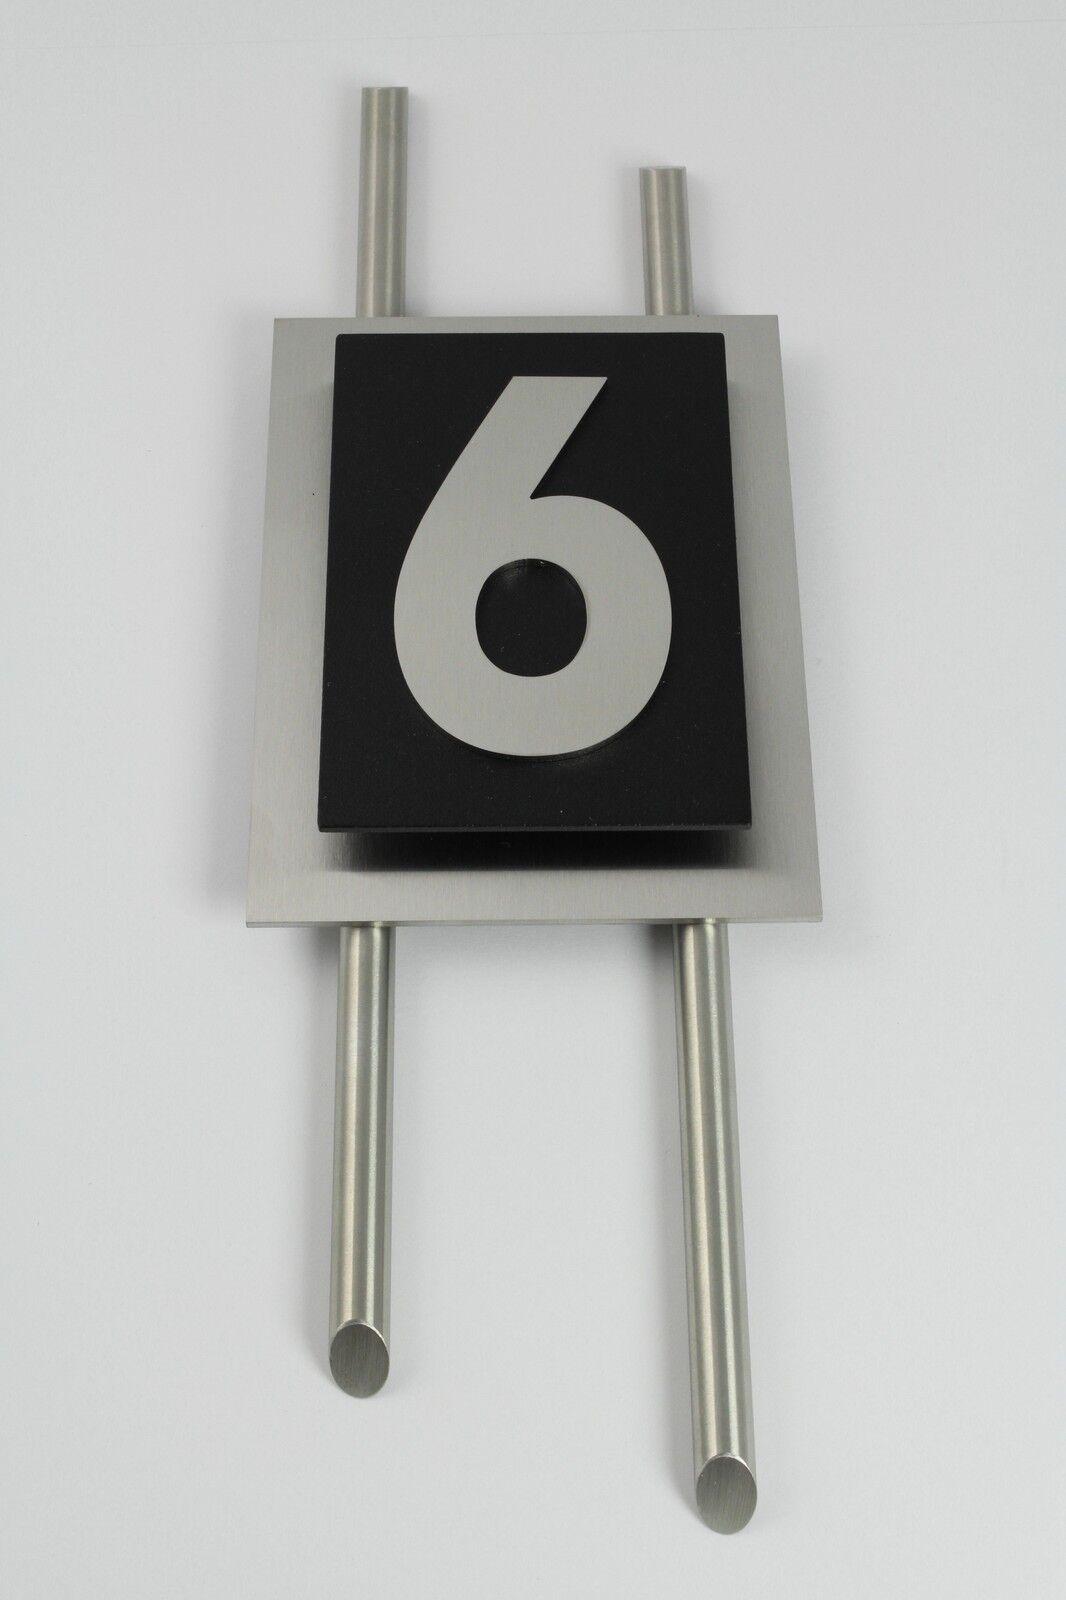 Hausnummer Edelstahl Schwarz Design Verona 1-stellig Zahl 1-9 Zierstangen V2A Z